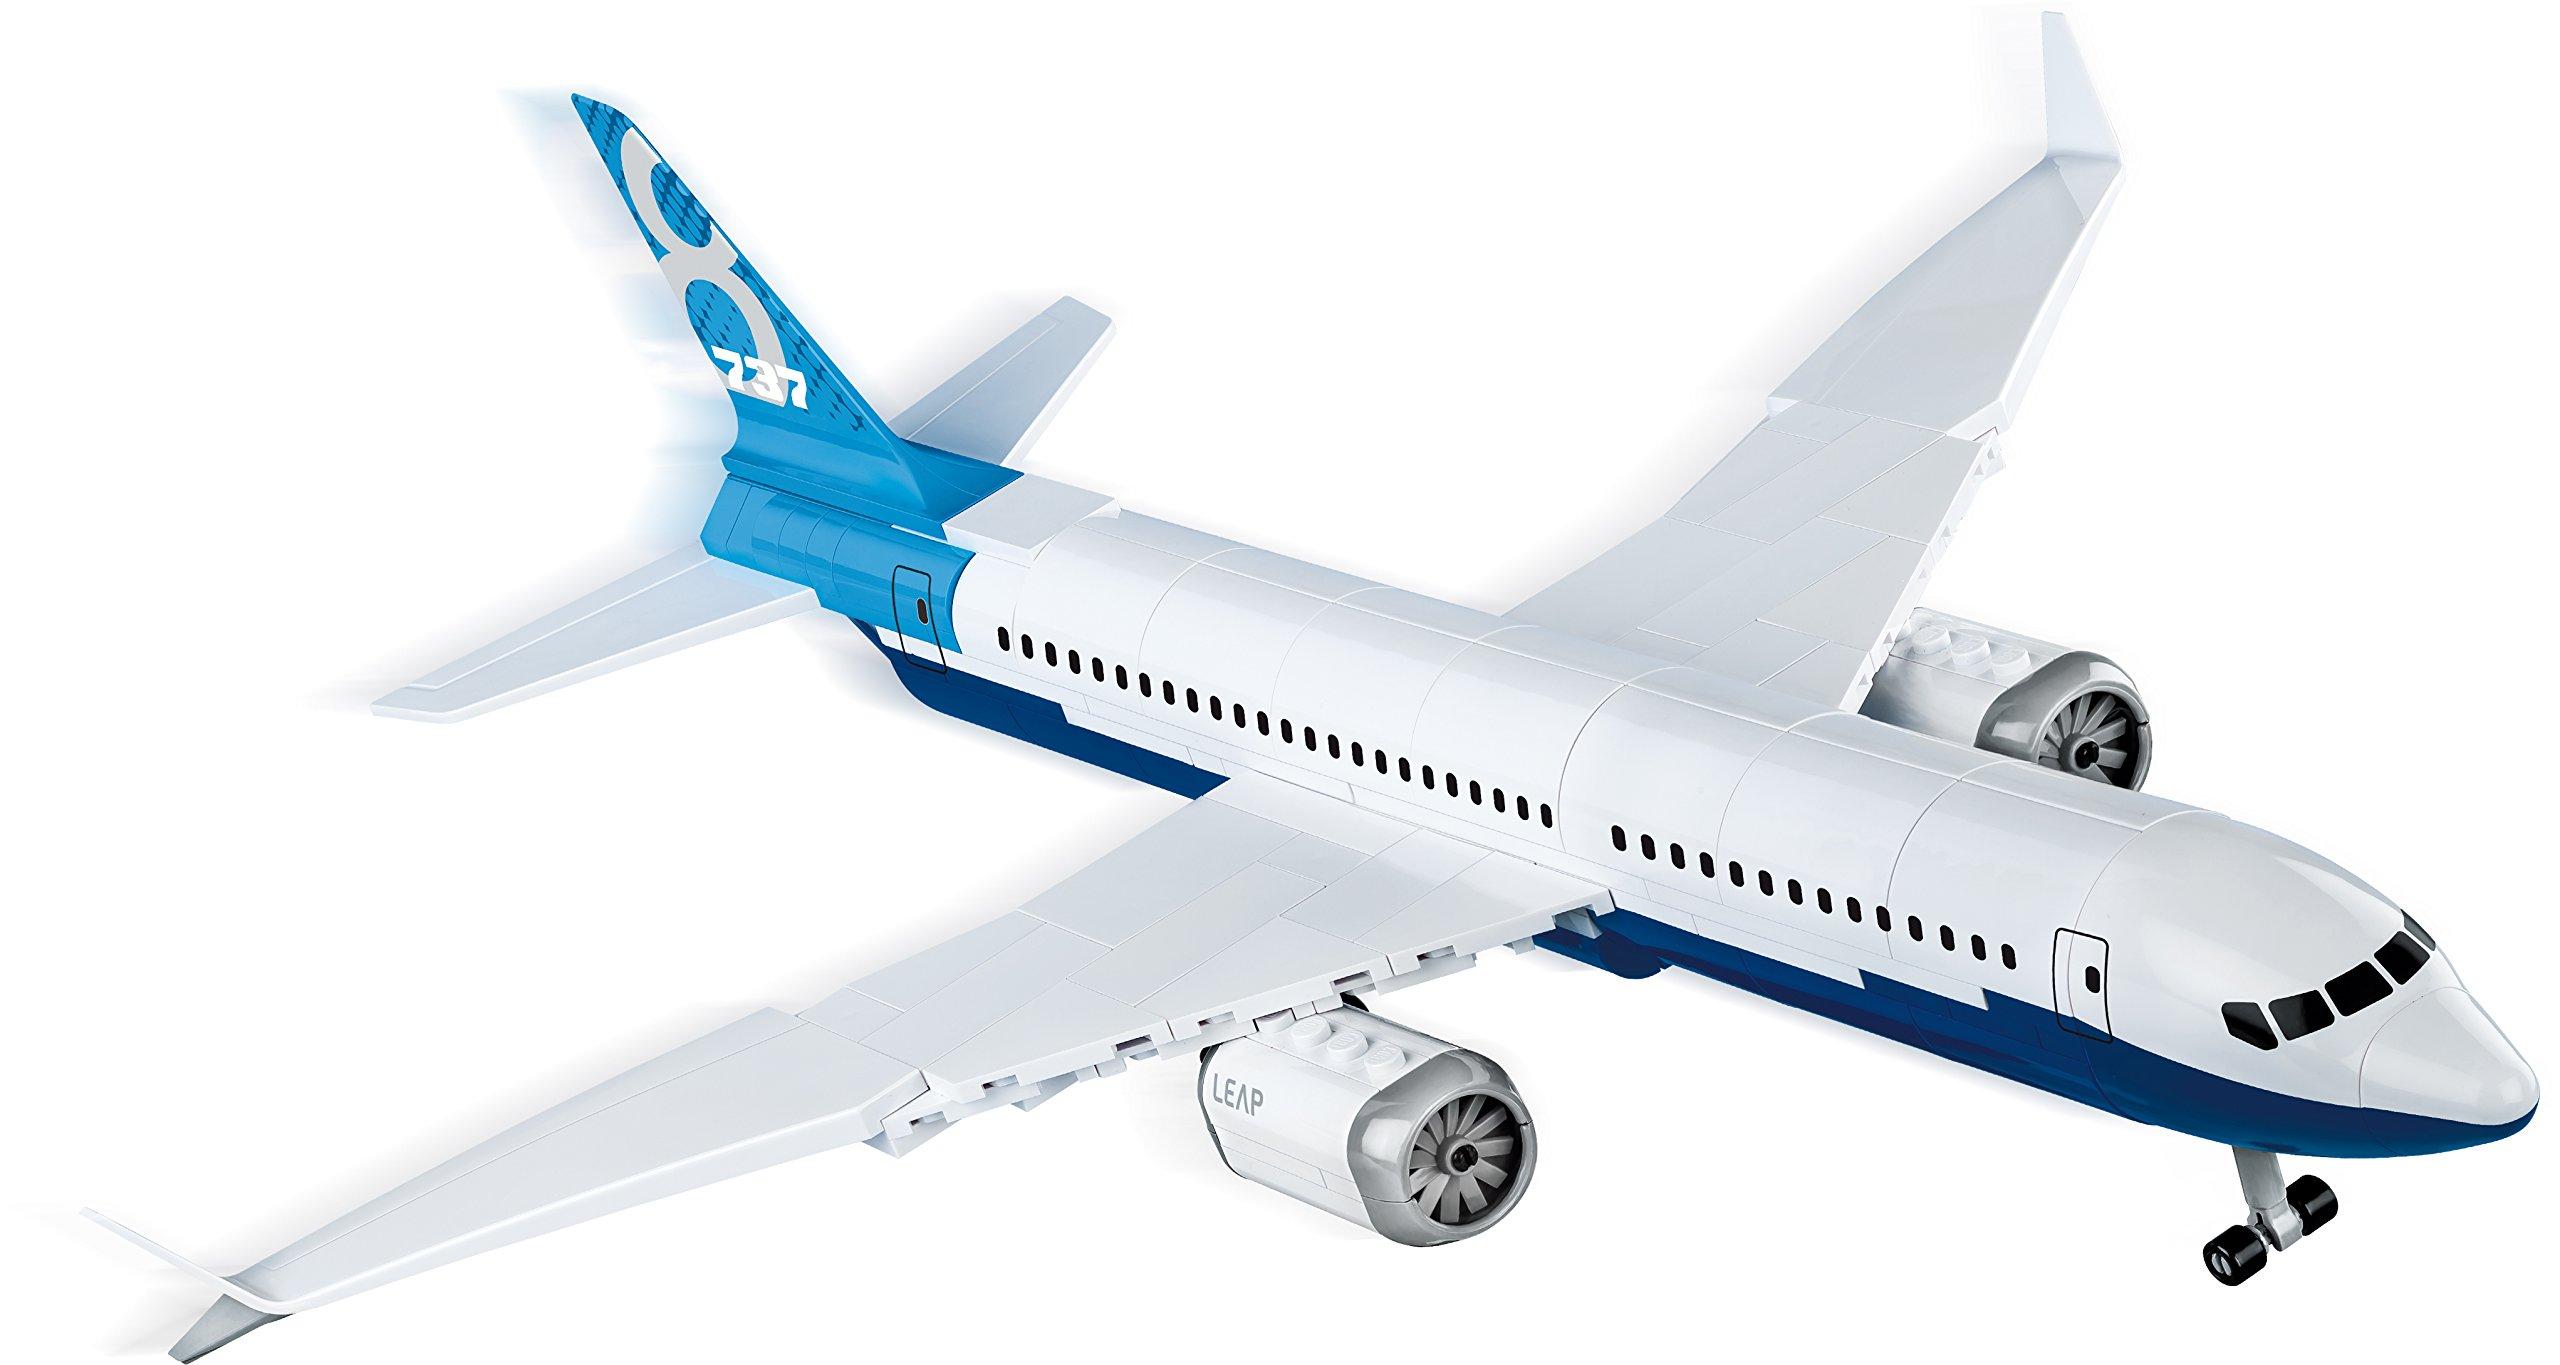 COBI Boeing 737 Max 8 Plane